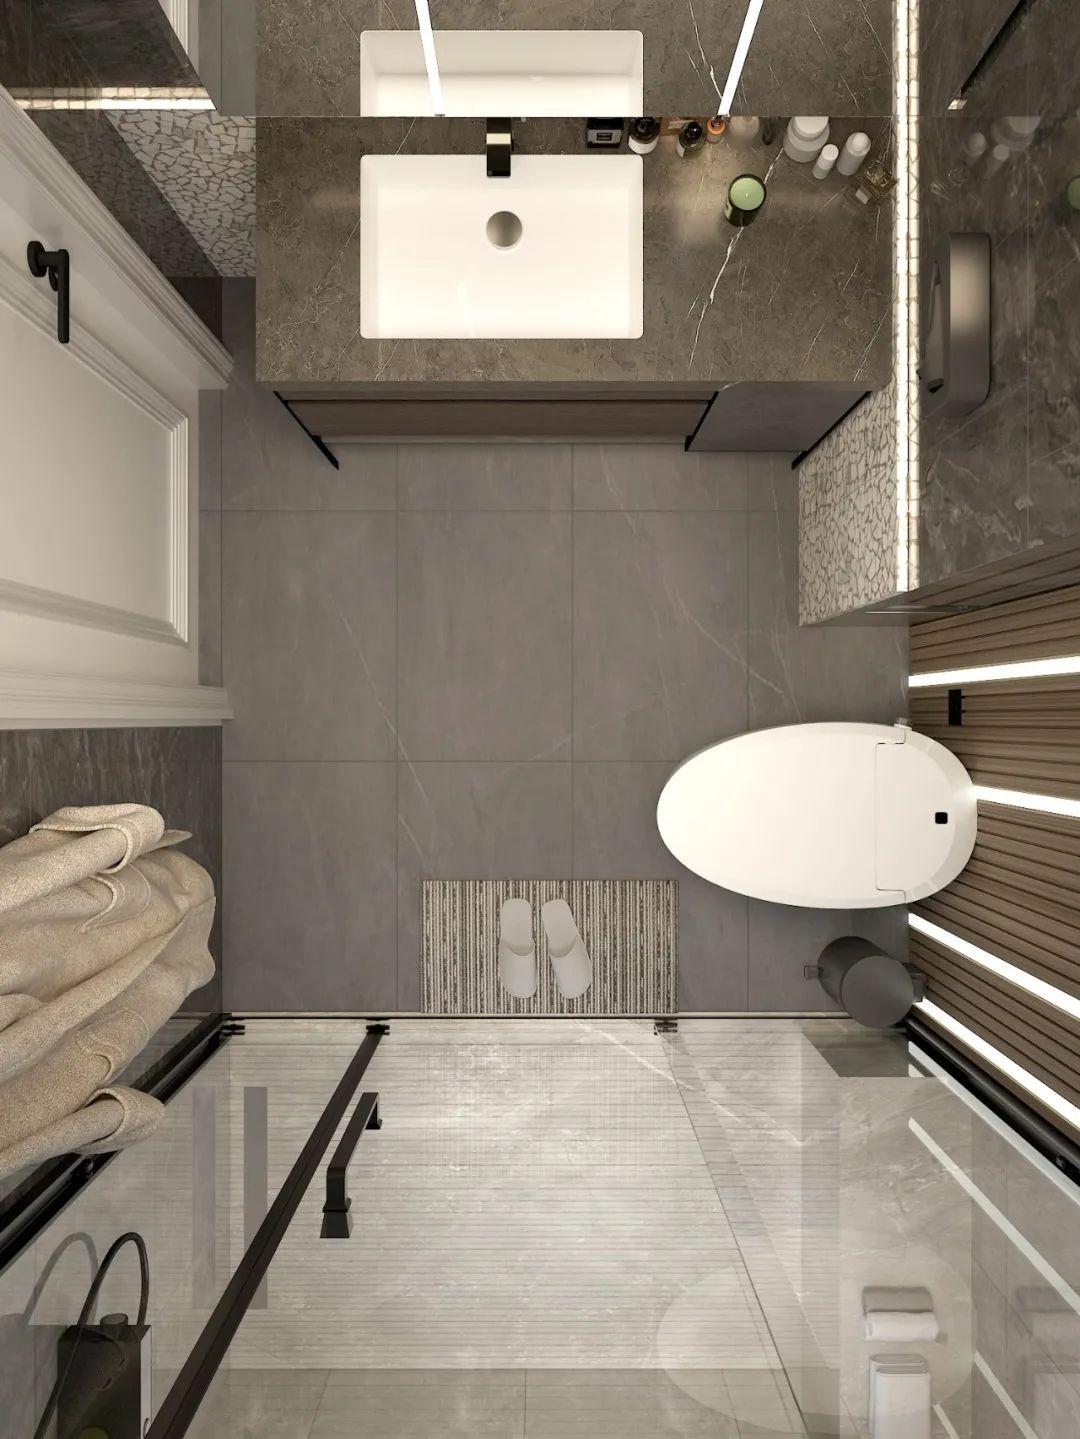 欧路莎卫浴:侘寂风浴室带给你不一样的家